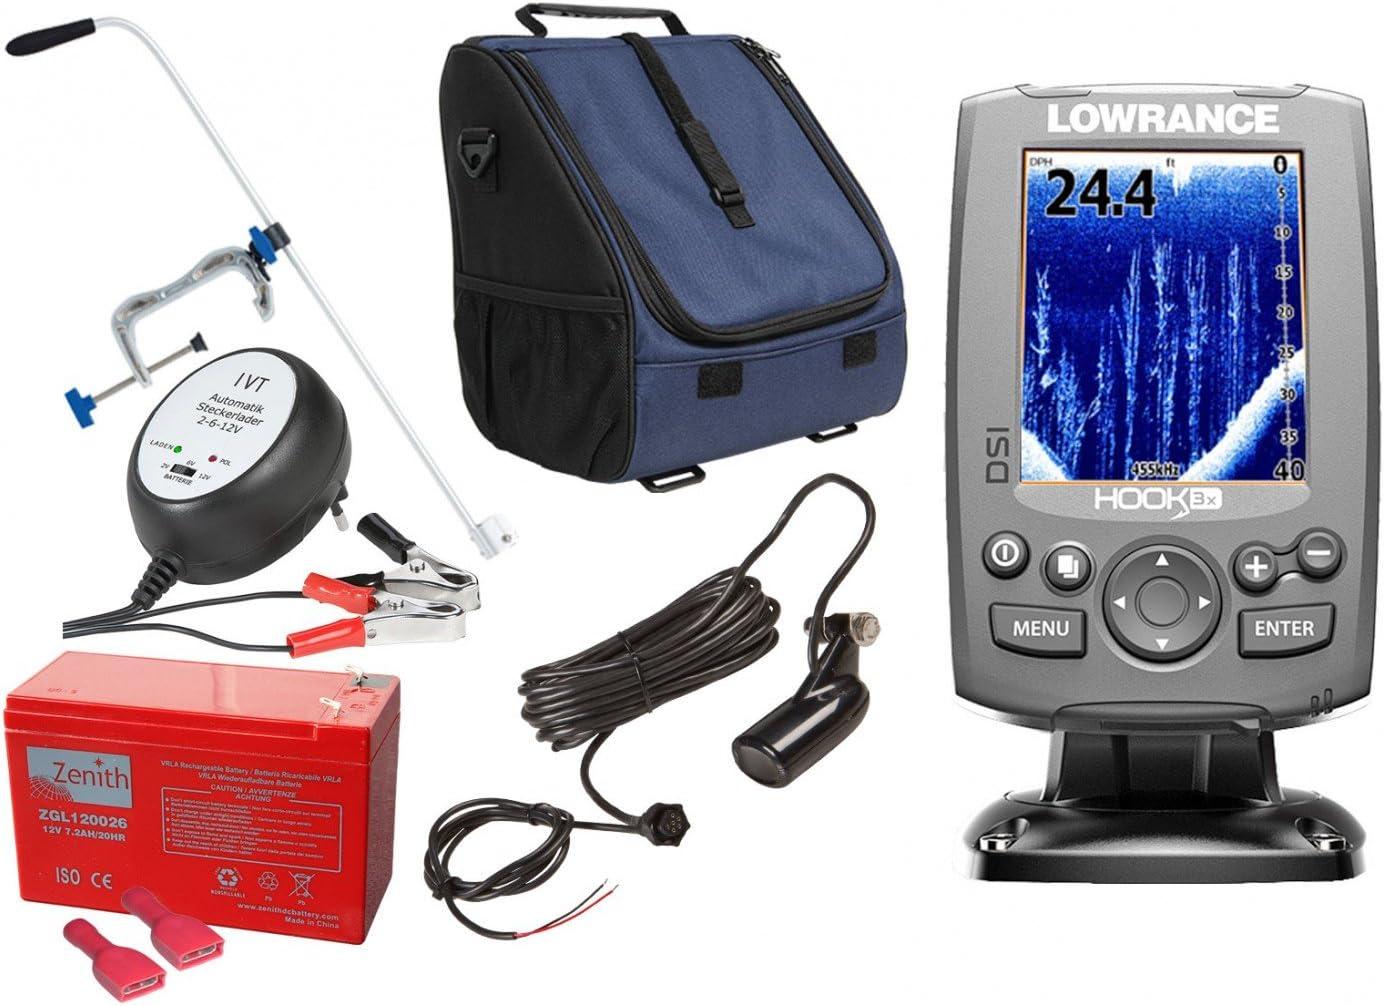 Lowrance yogistar Qware Echolot - juego de 3 x portable XXL-1: Amazon.es: Electrónica